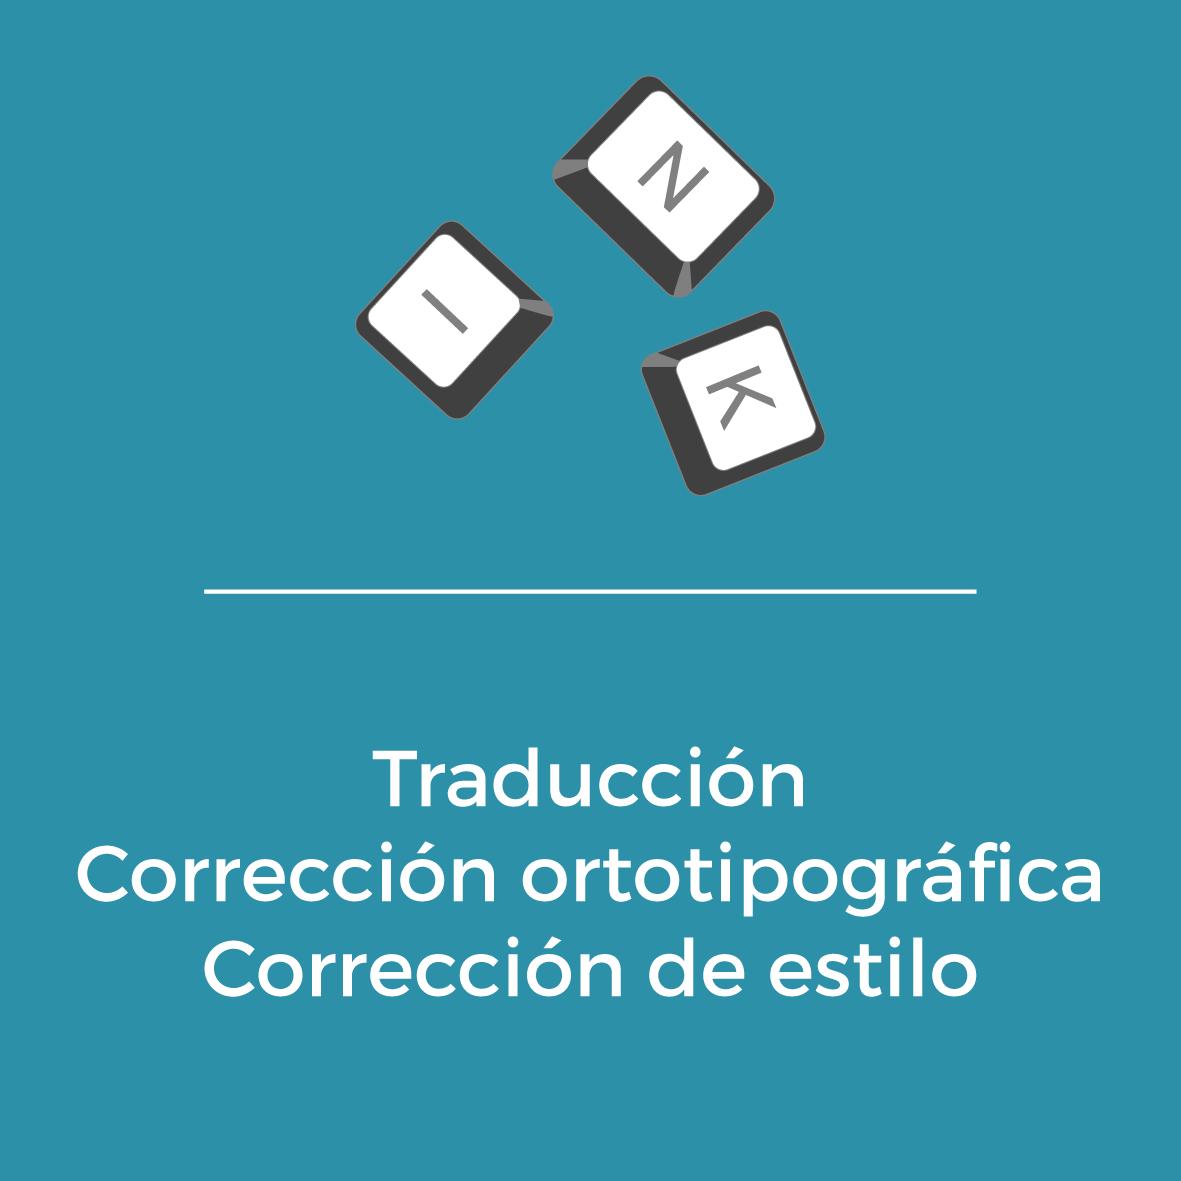 Servicios - Traducción - Corrección ortotipográfica - Corrección de estilo